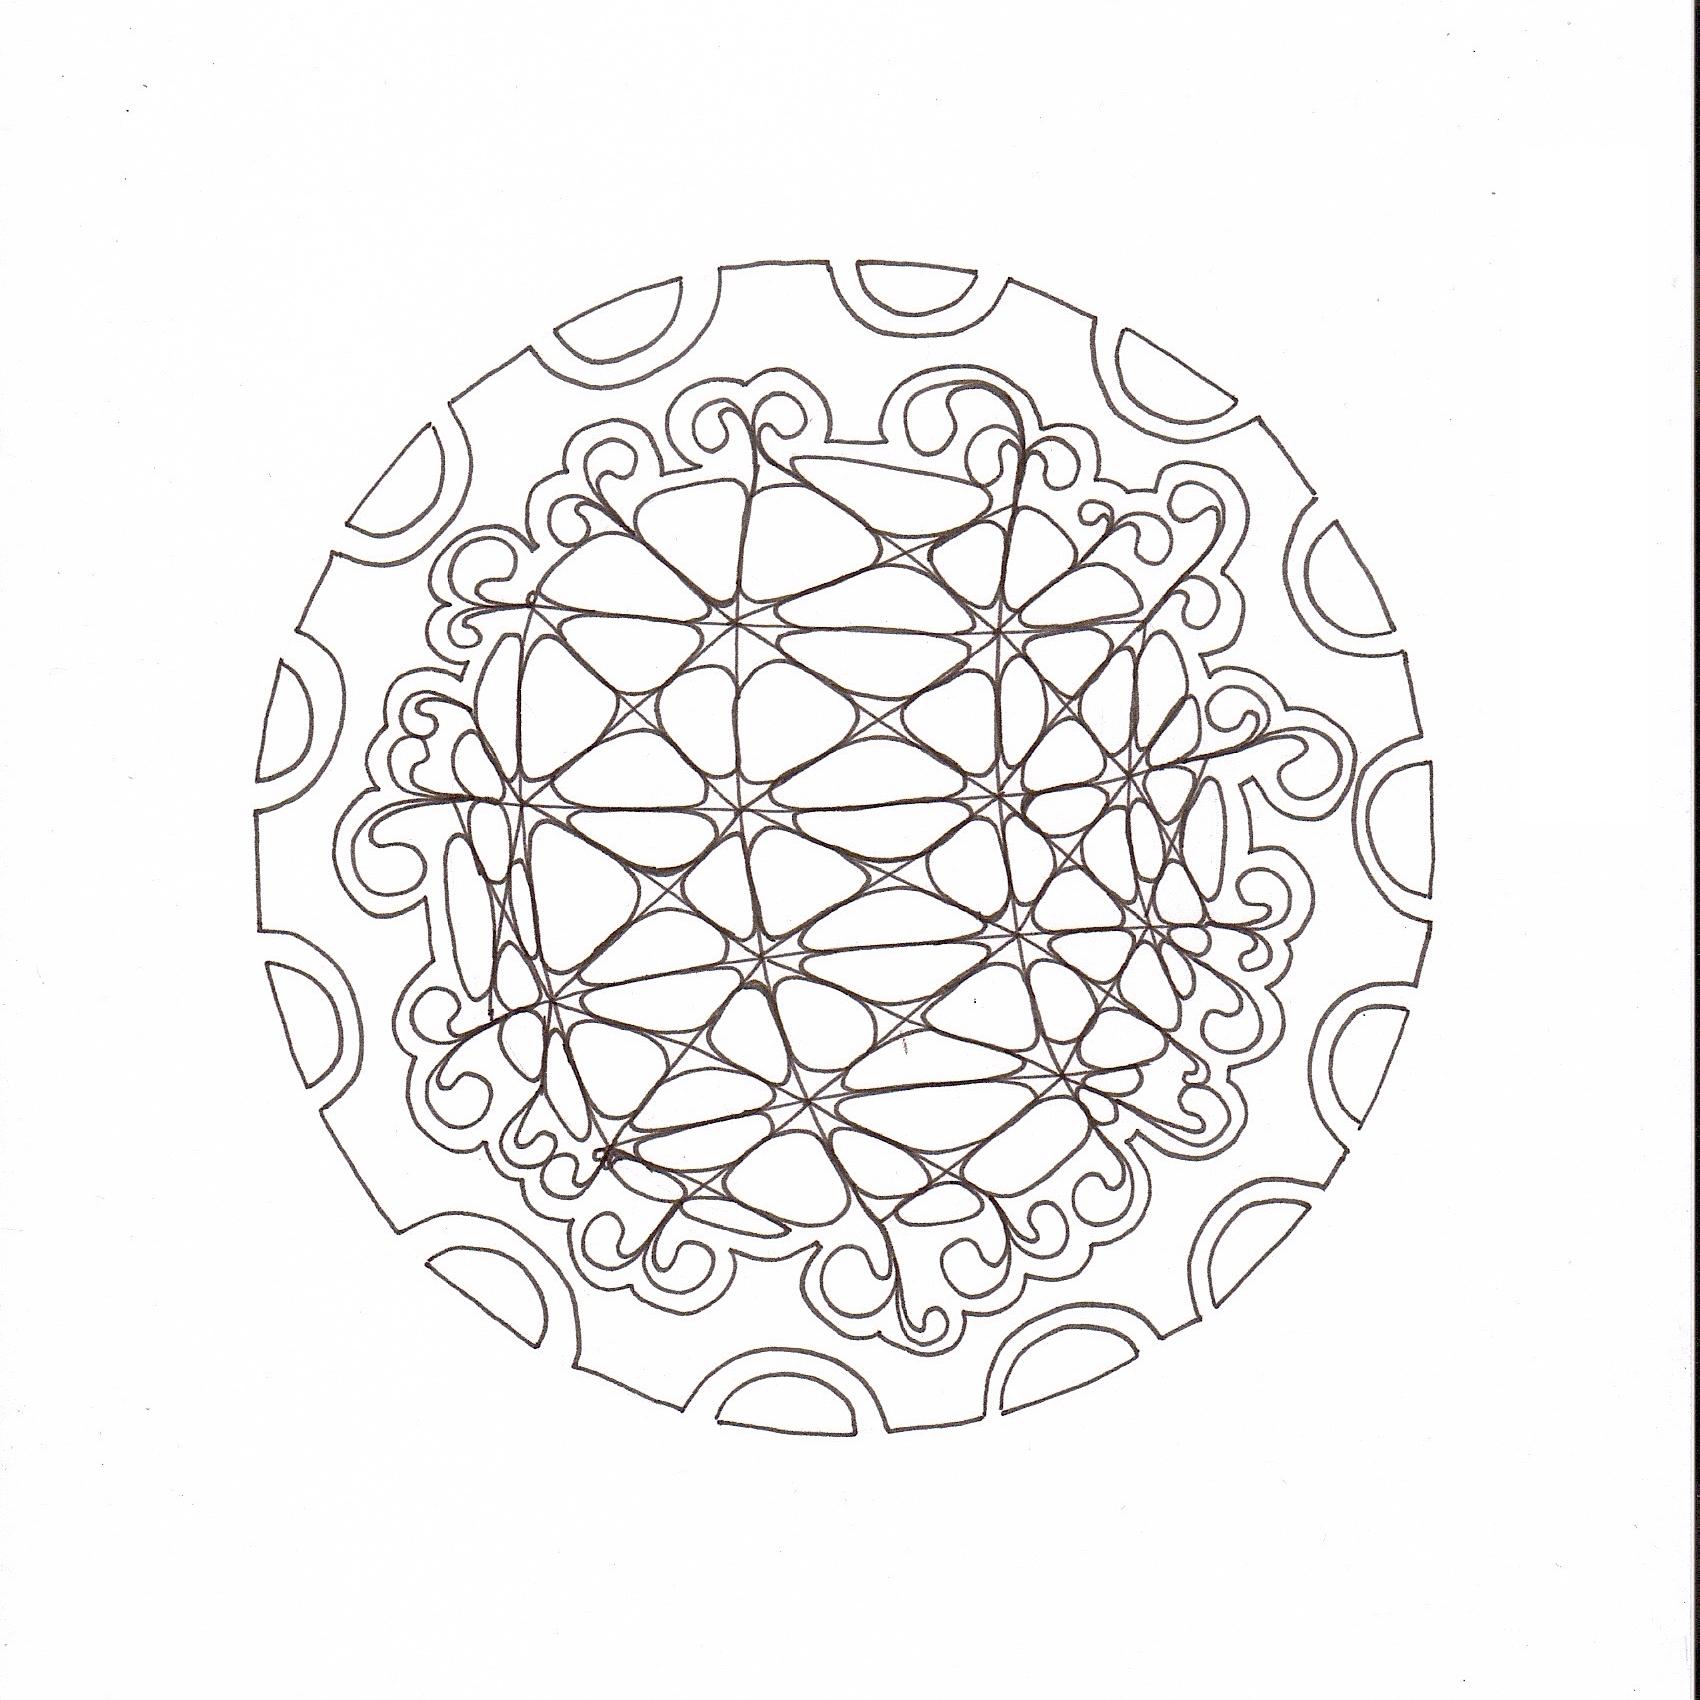 Mandala Coloring Page01.jpg